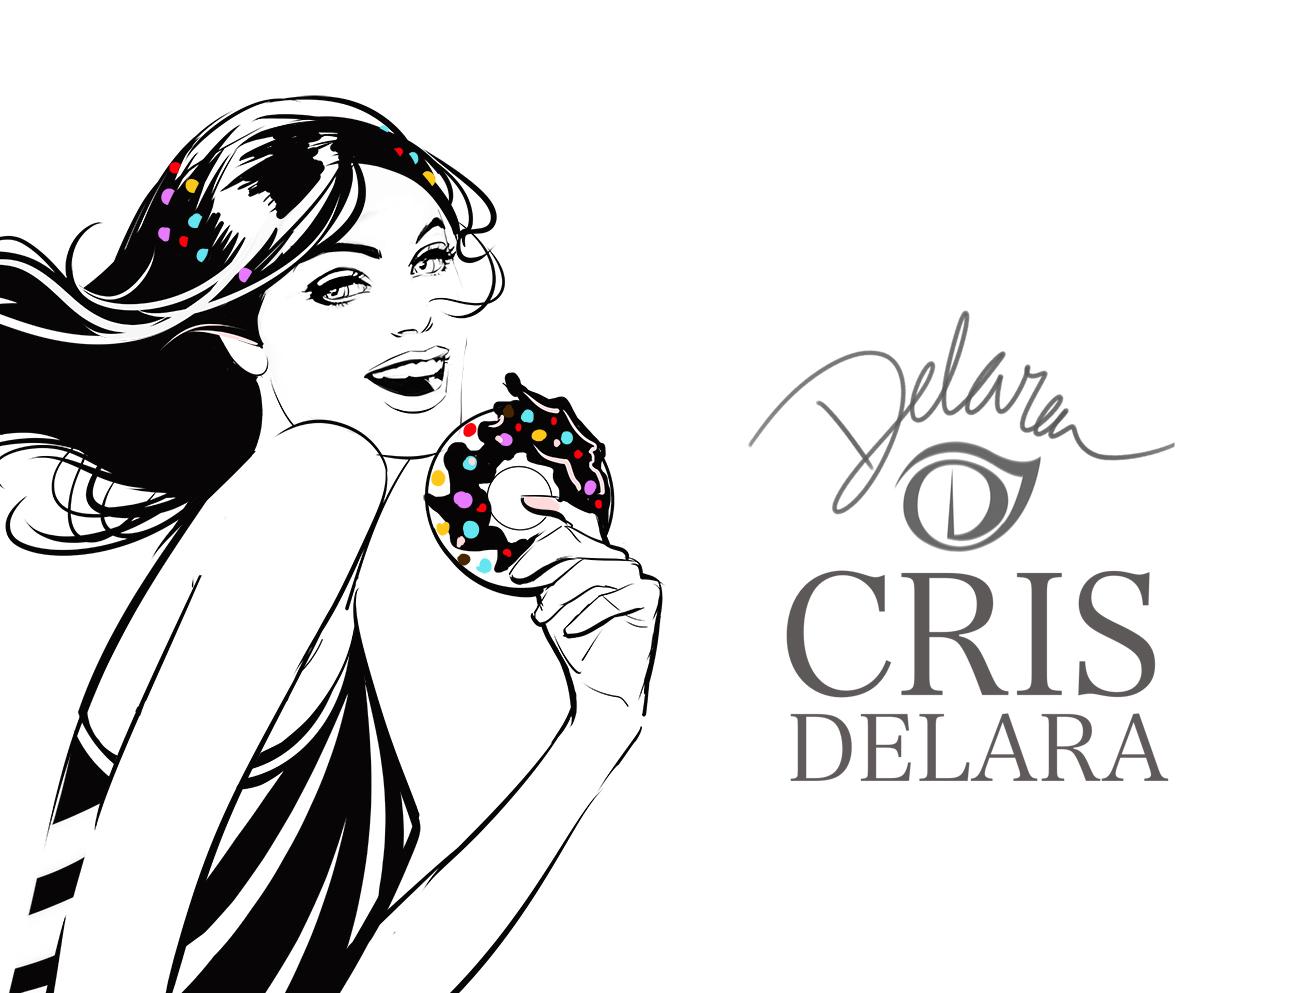 CRIS DELARA IMAGES